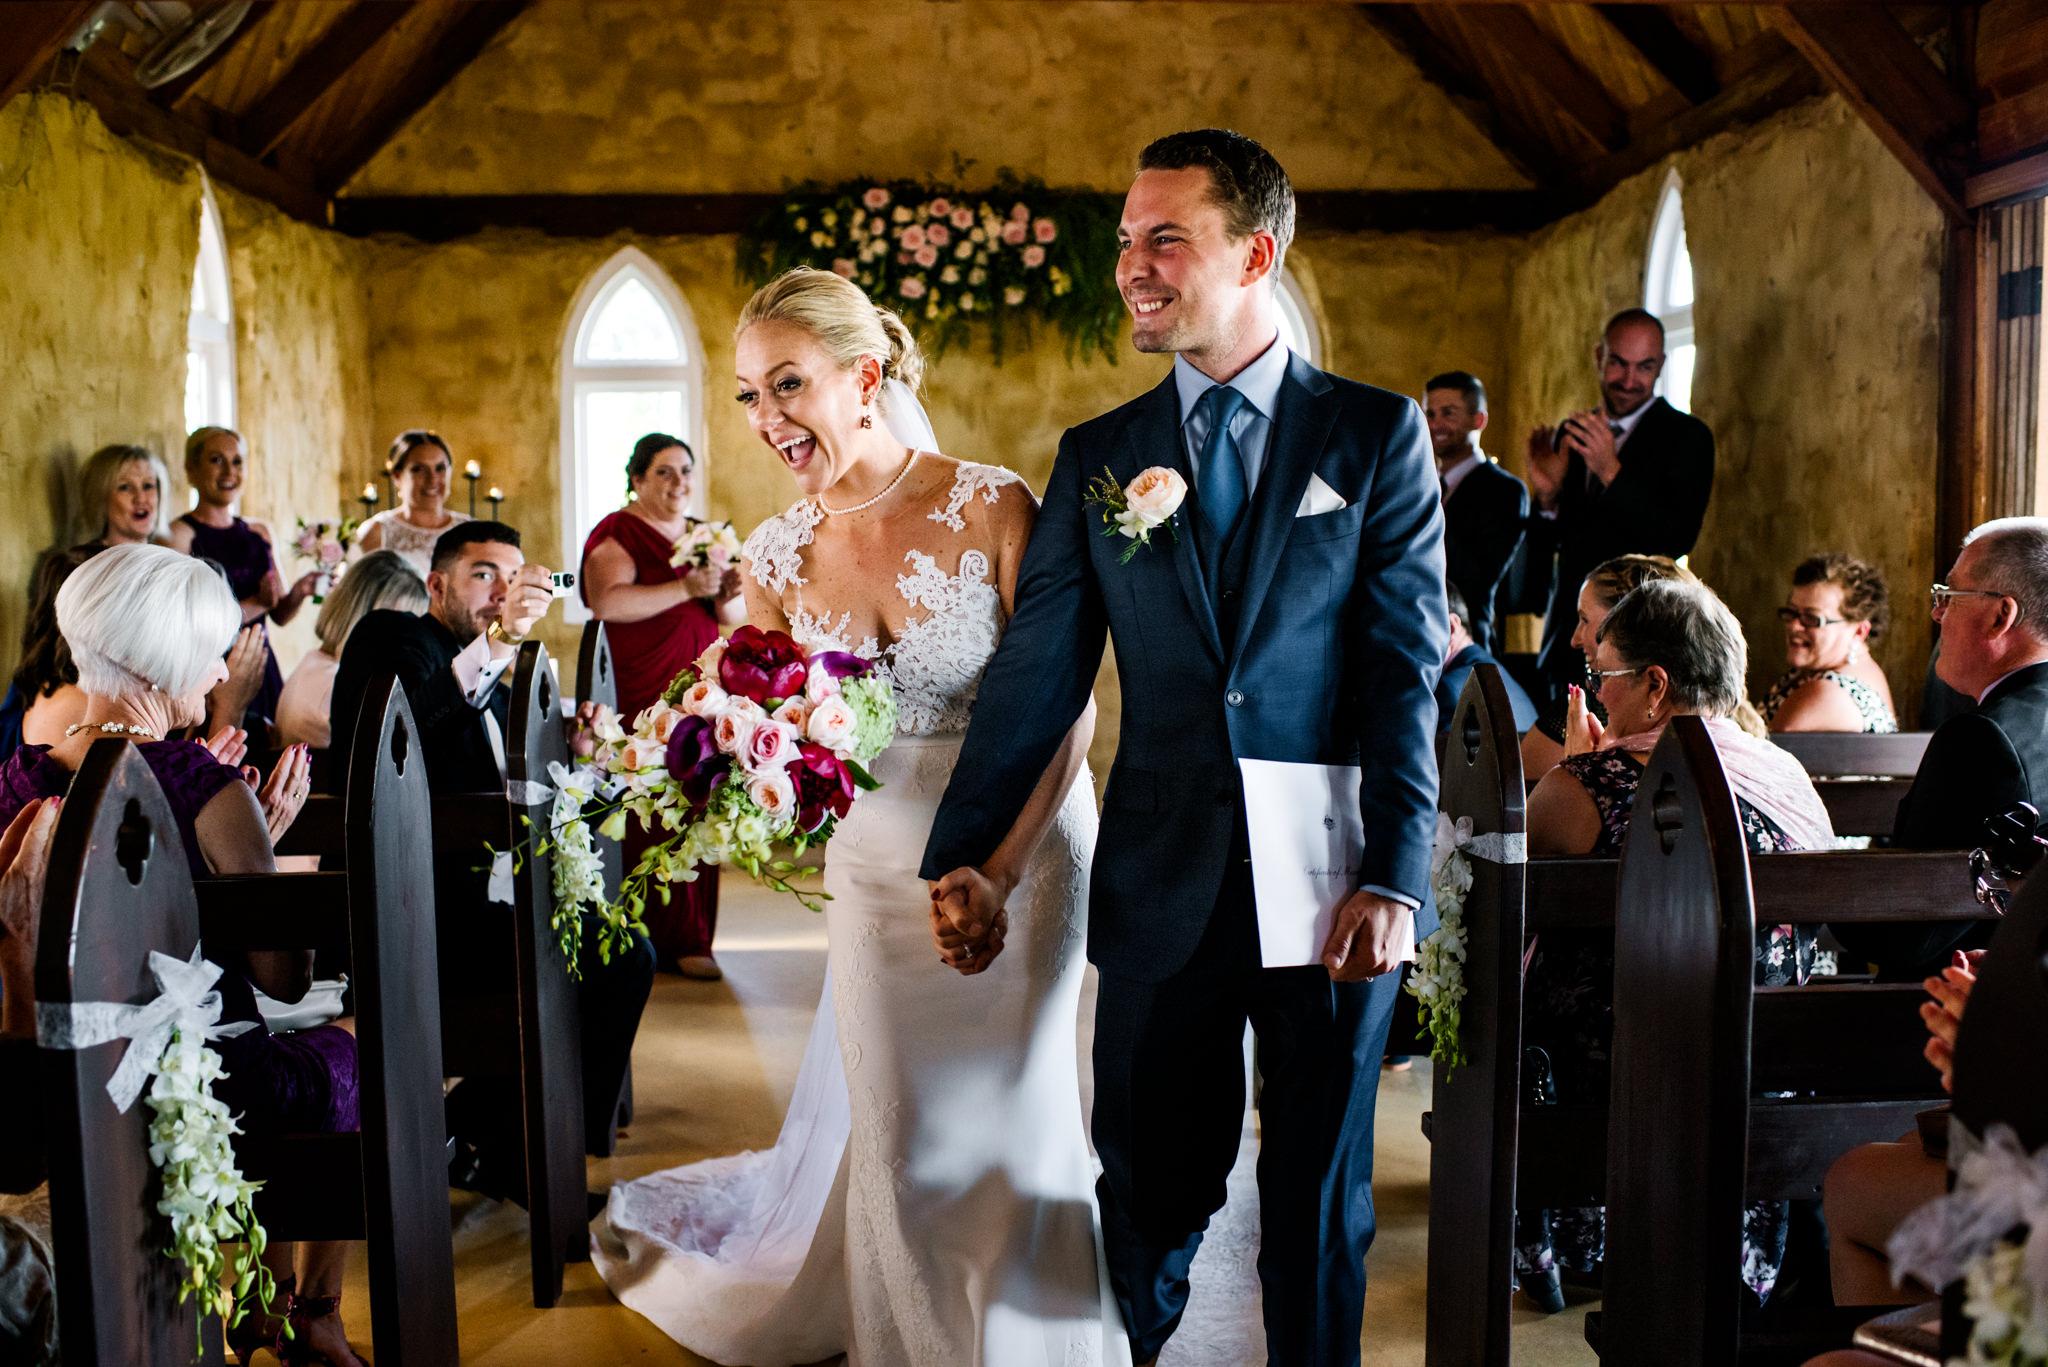 Bride-Groom-Peppers-Creek-wedding-0001.jpg